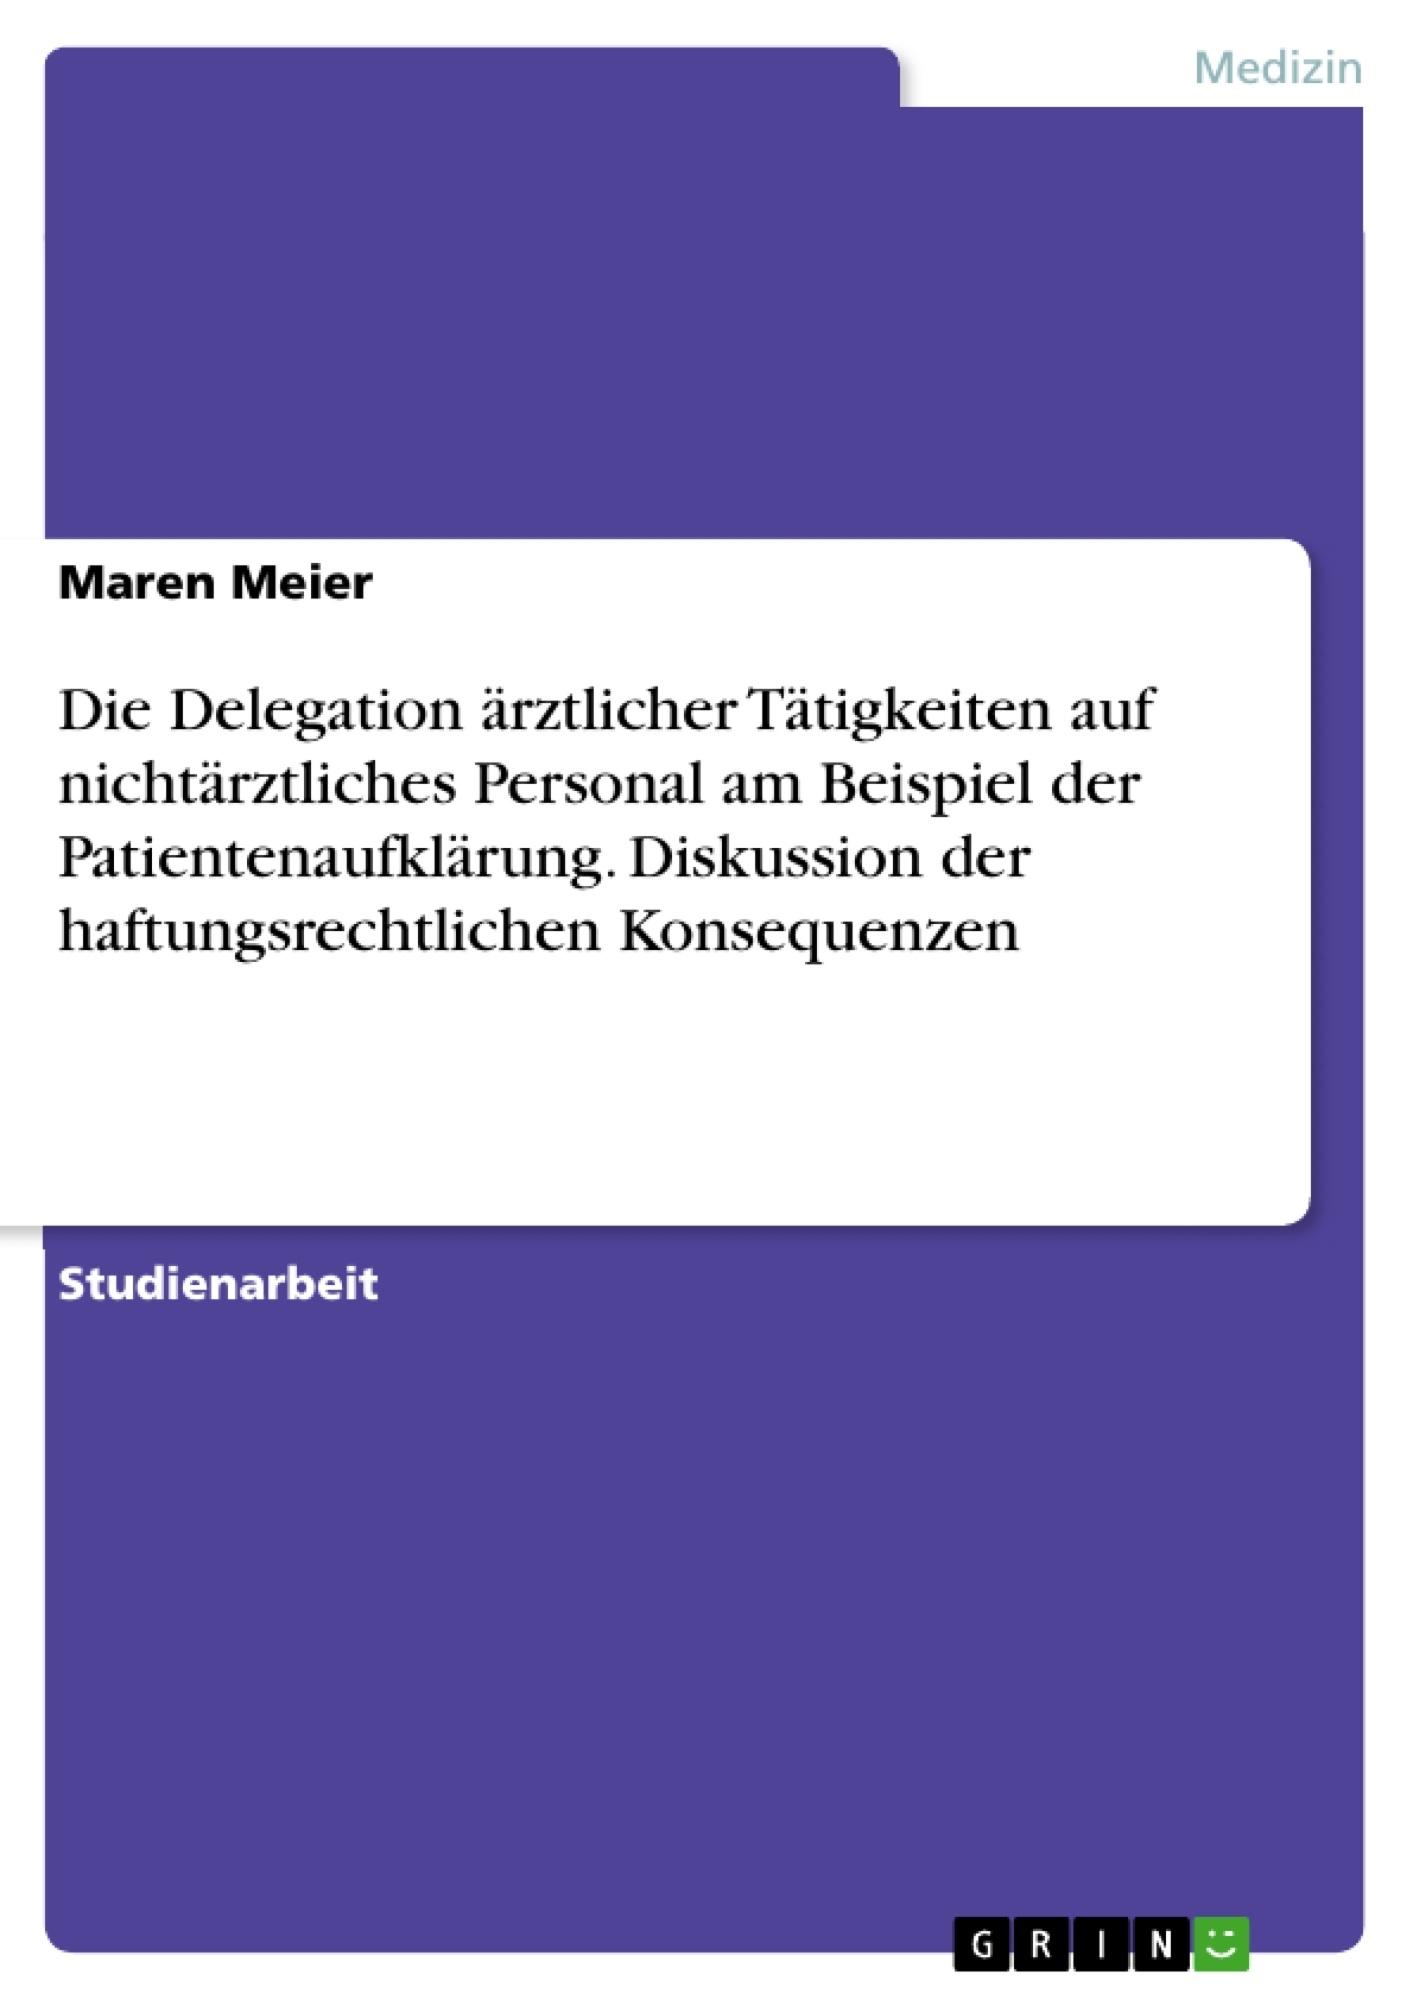 Titel: Die Delegation  ärztlicher Tätigkeiten auf nichtärztliches Personal am Beispiel der Patientenaufklärung. Diskussion der haftungsrechtlichen Konsequenzen